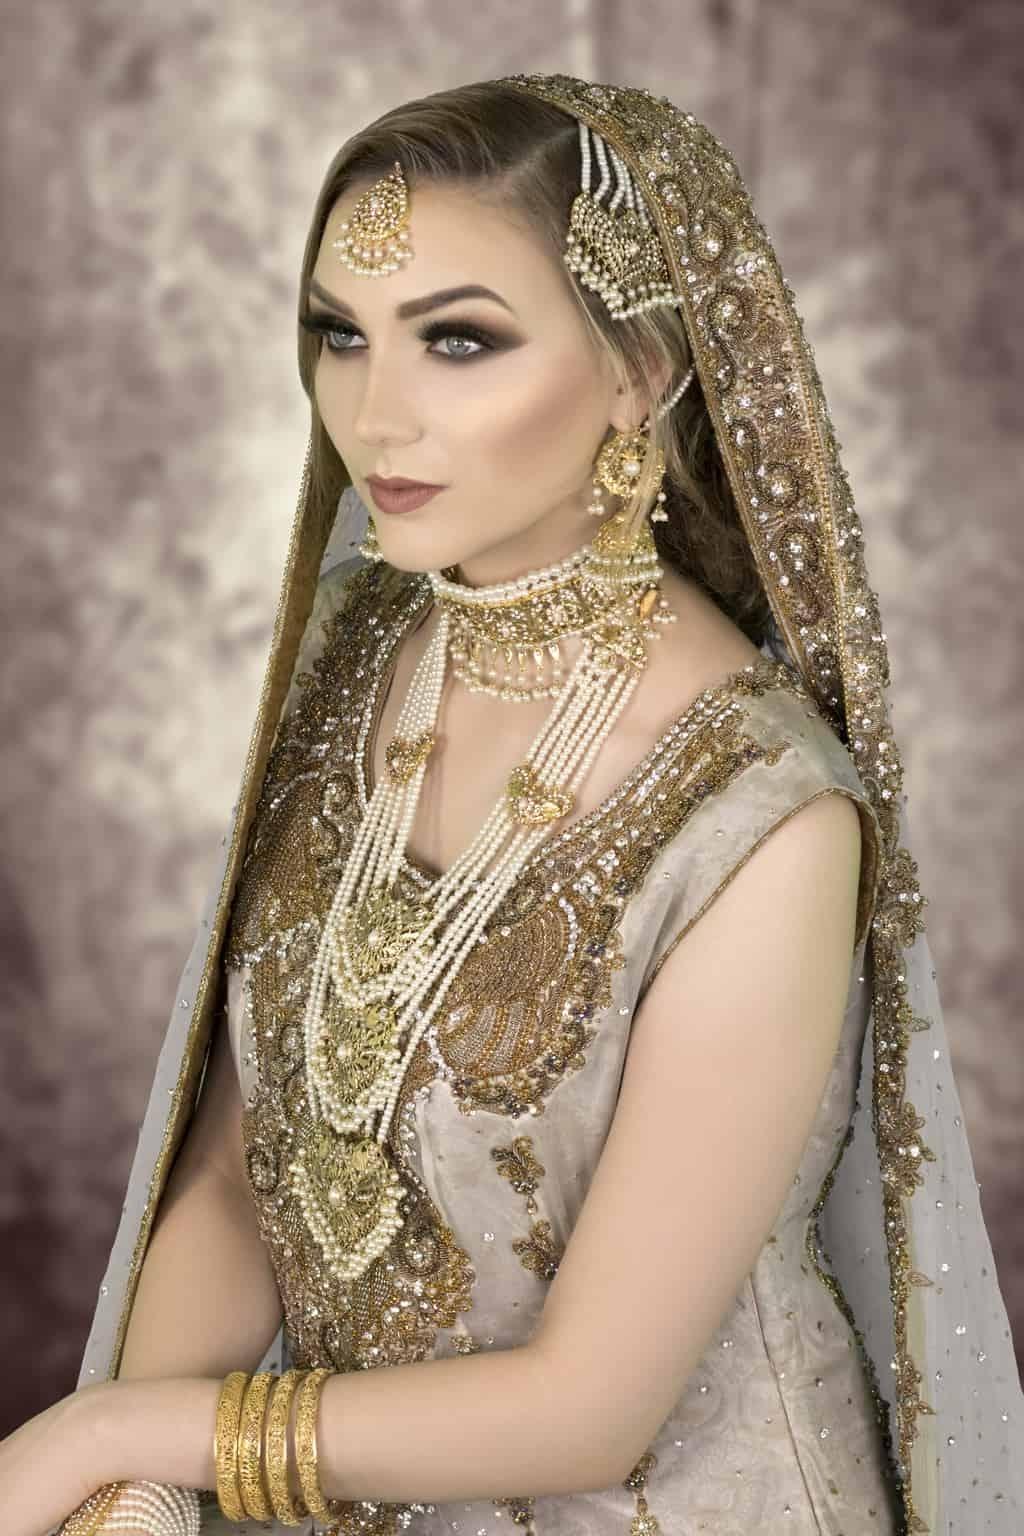 Bridal Hair And Makeup - Master Asian Bridal Makeup Artist And pertaining to Asian Bridal Makeup And Hair Artist